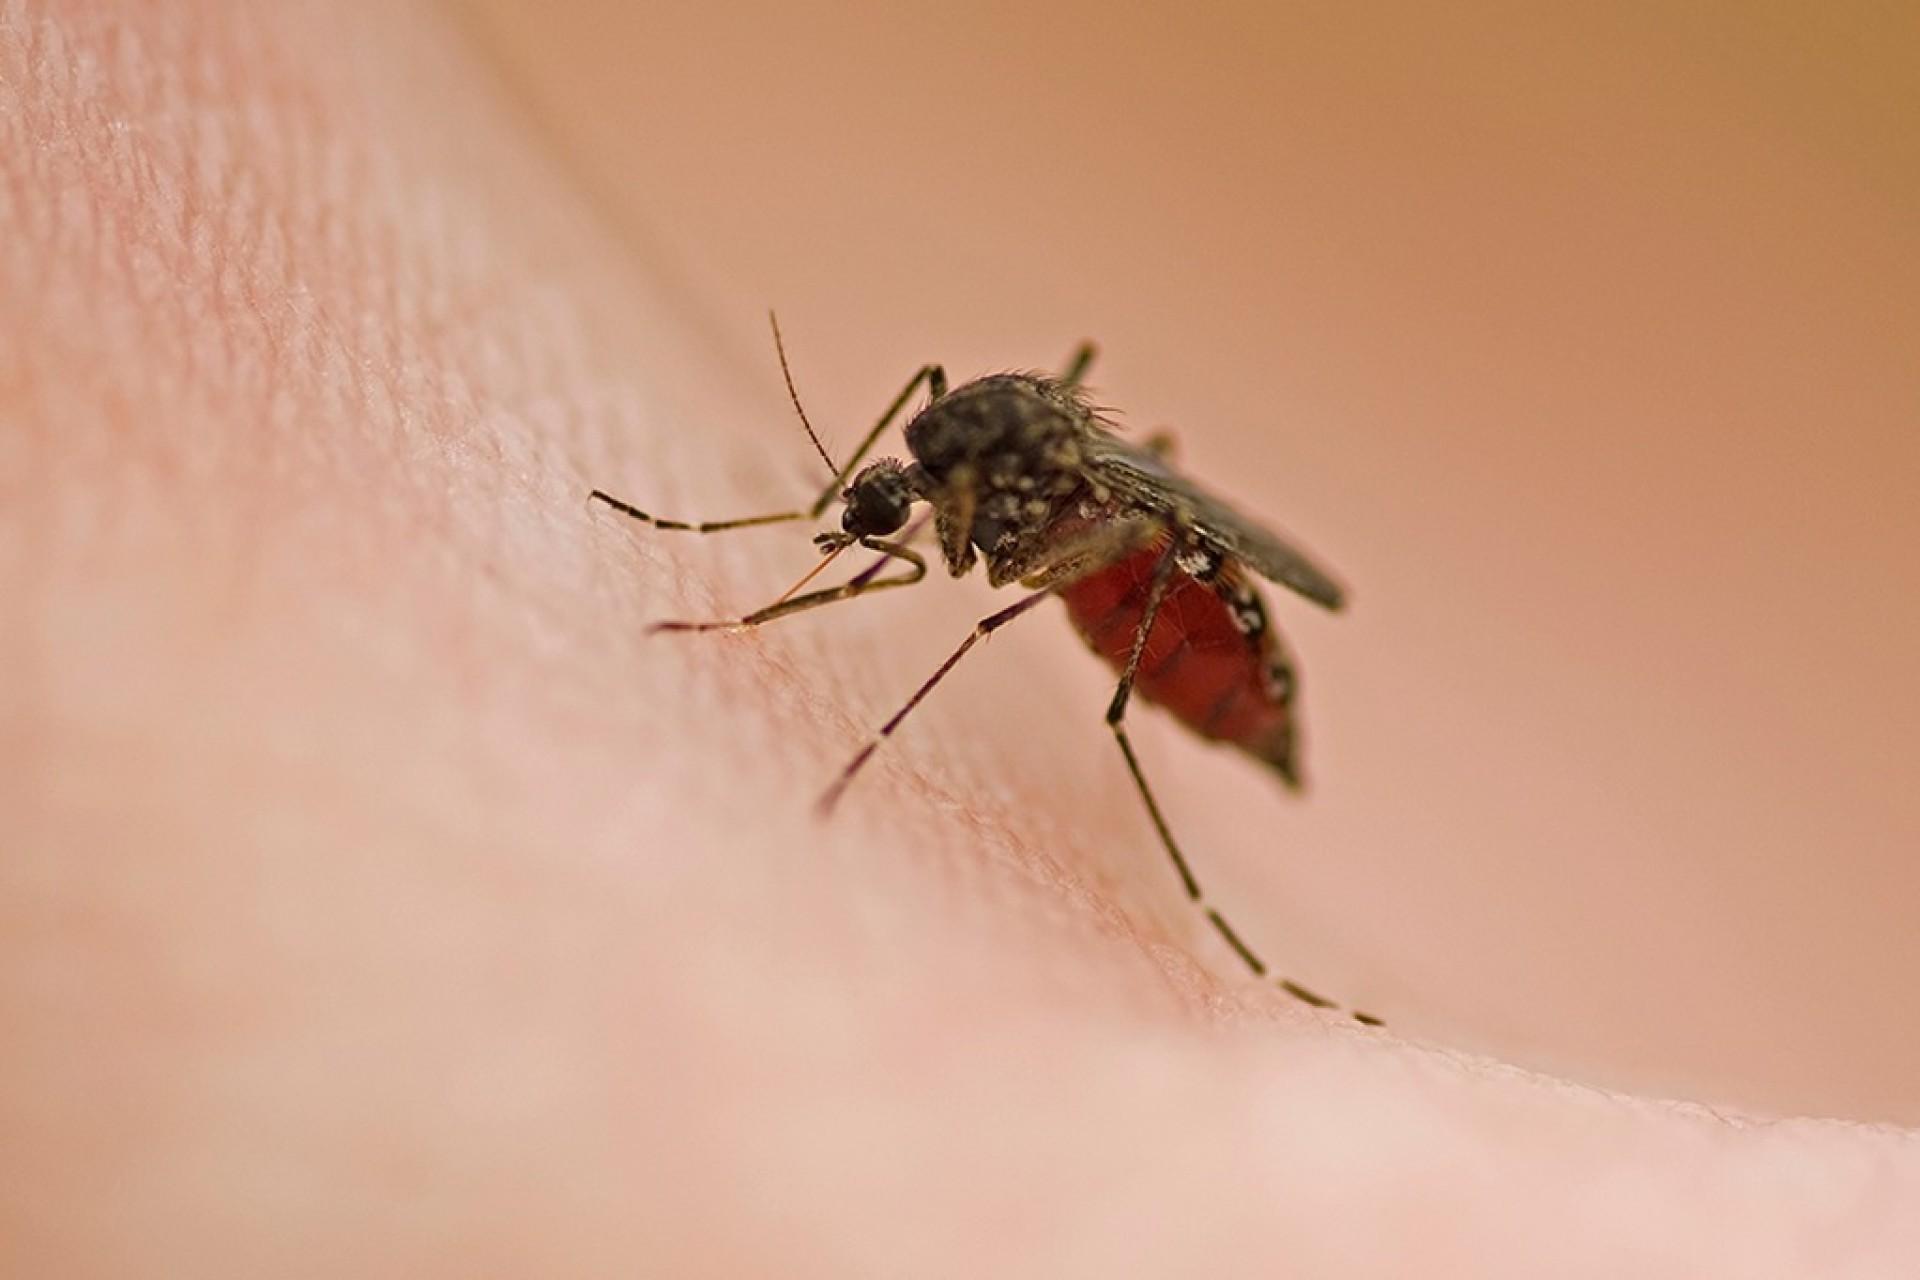 Confirmado em um jovem de 21 anos o primeiro caso de febre amarela no Paraná